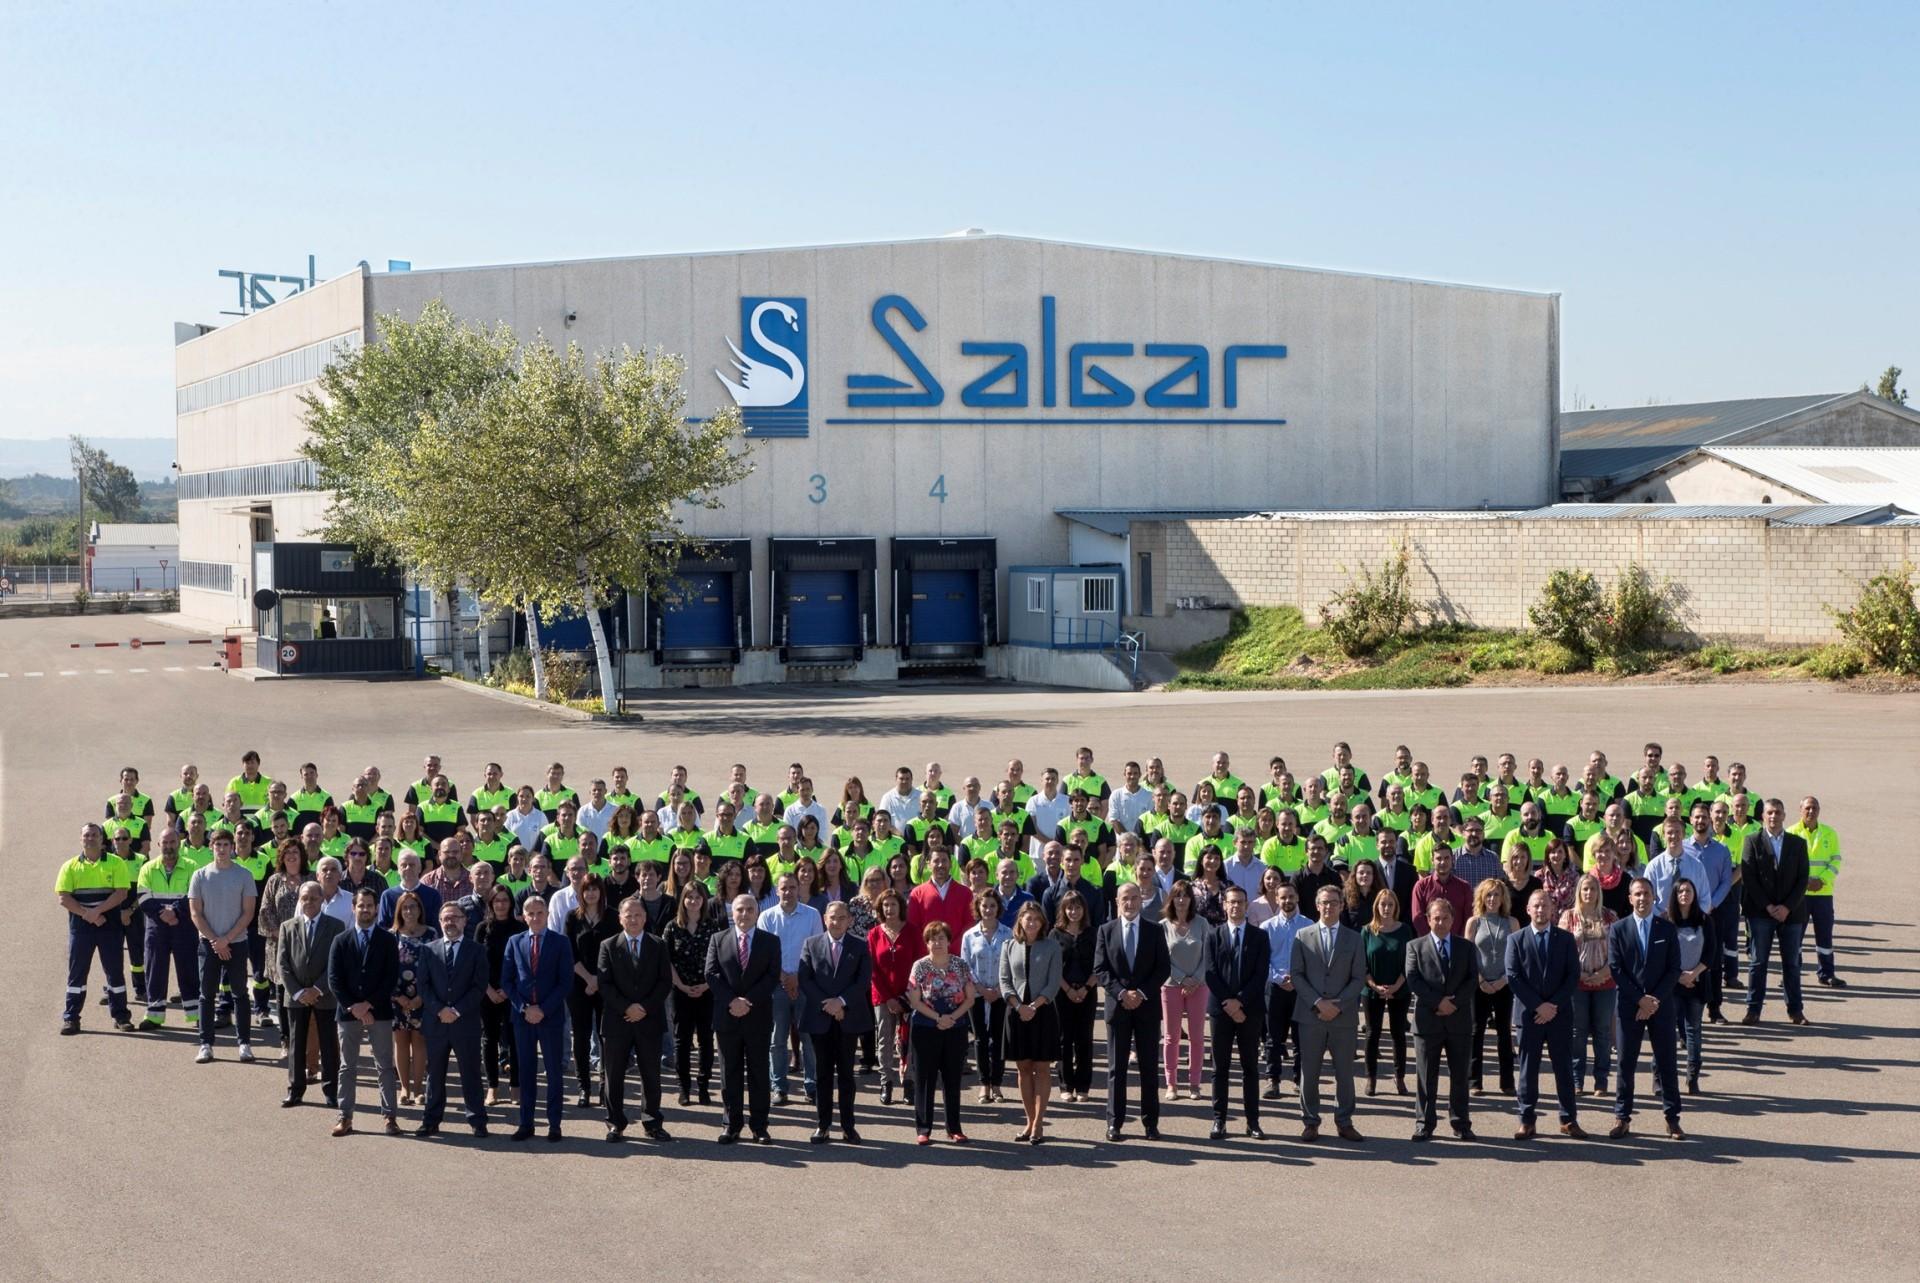 La empresa zaragozana Salgar celebra su 70 aniversario con la puesta en marcha de un ambicioso programa de inversiones